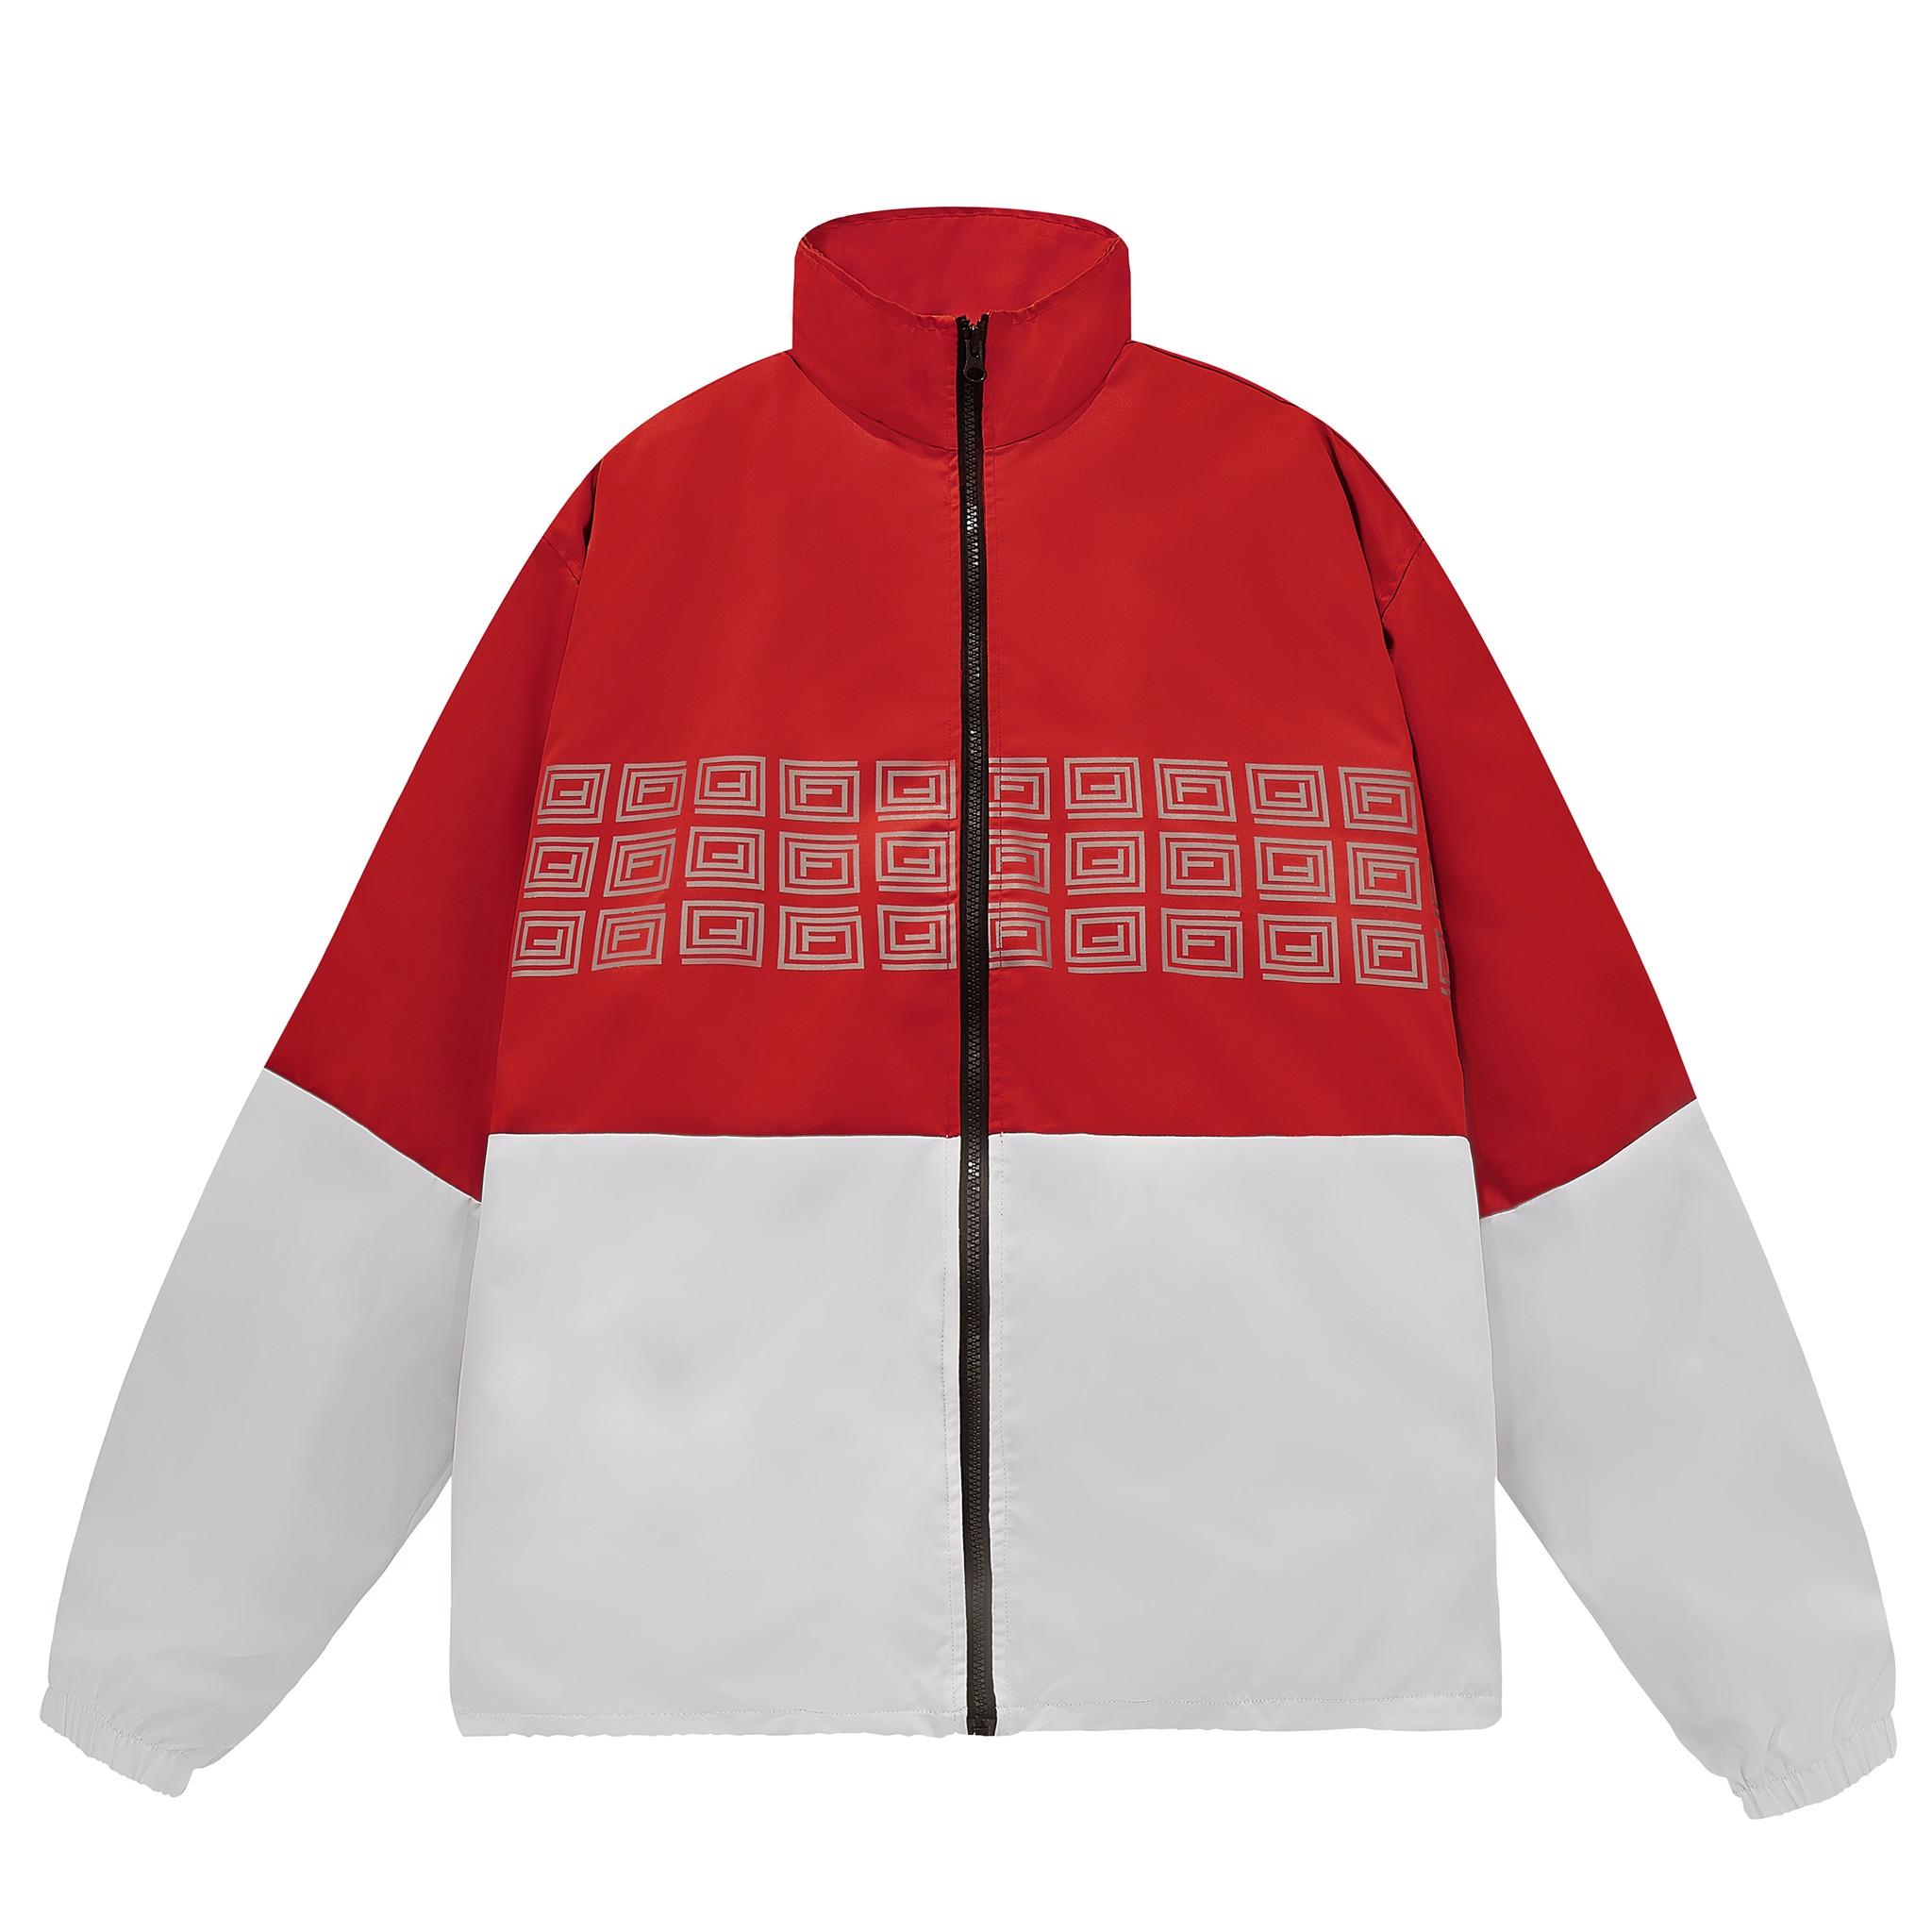 TRIO NEW LOGO JACKET/Red&White